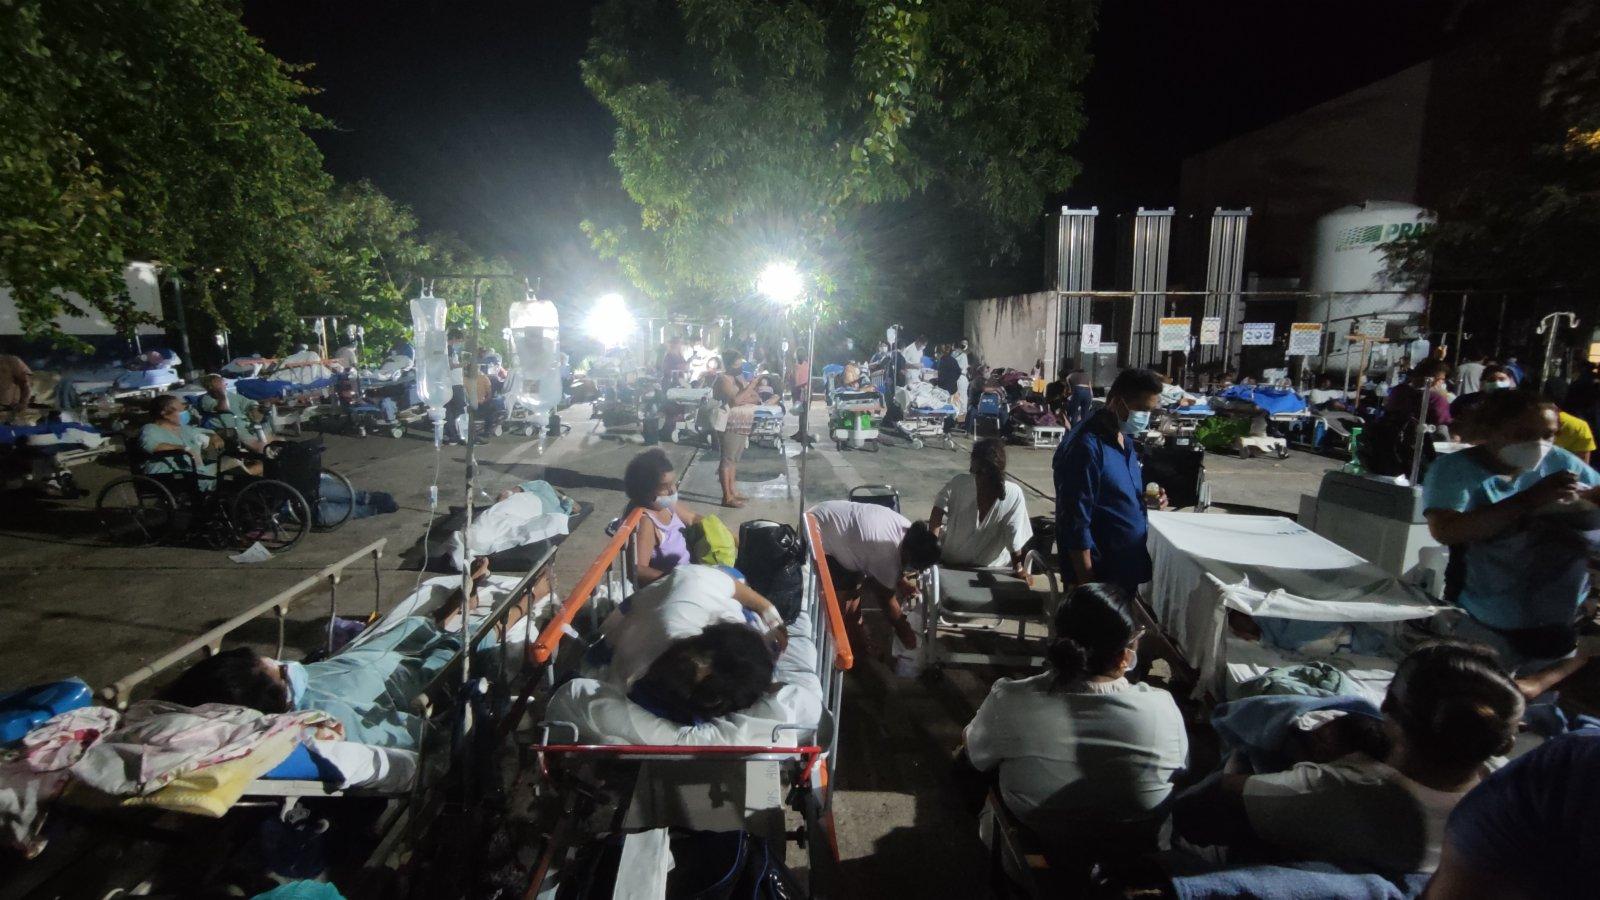 9月8日,在墨西哥格雷羅州阿卡普爾科,一家醫院的病患和醫護人員在地震發生後轉移到室外空地。